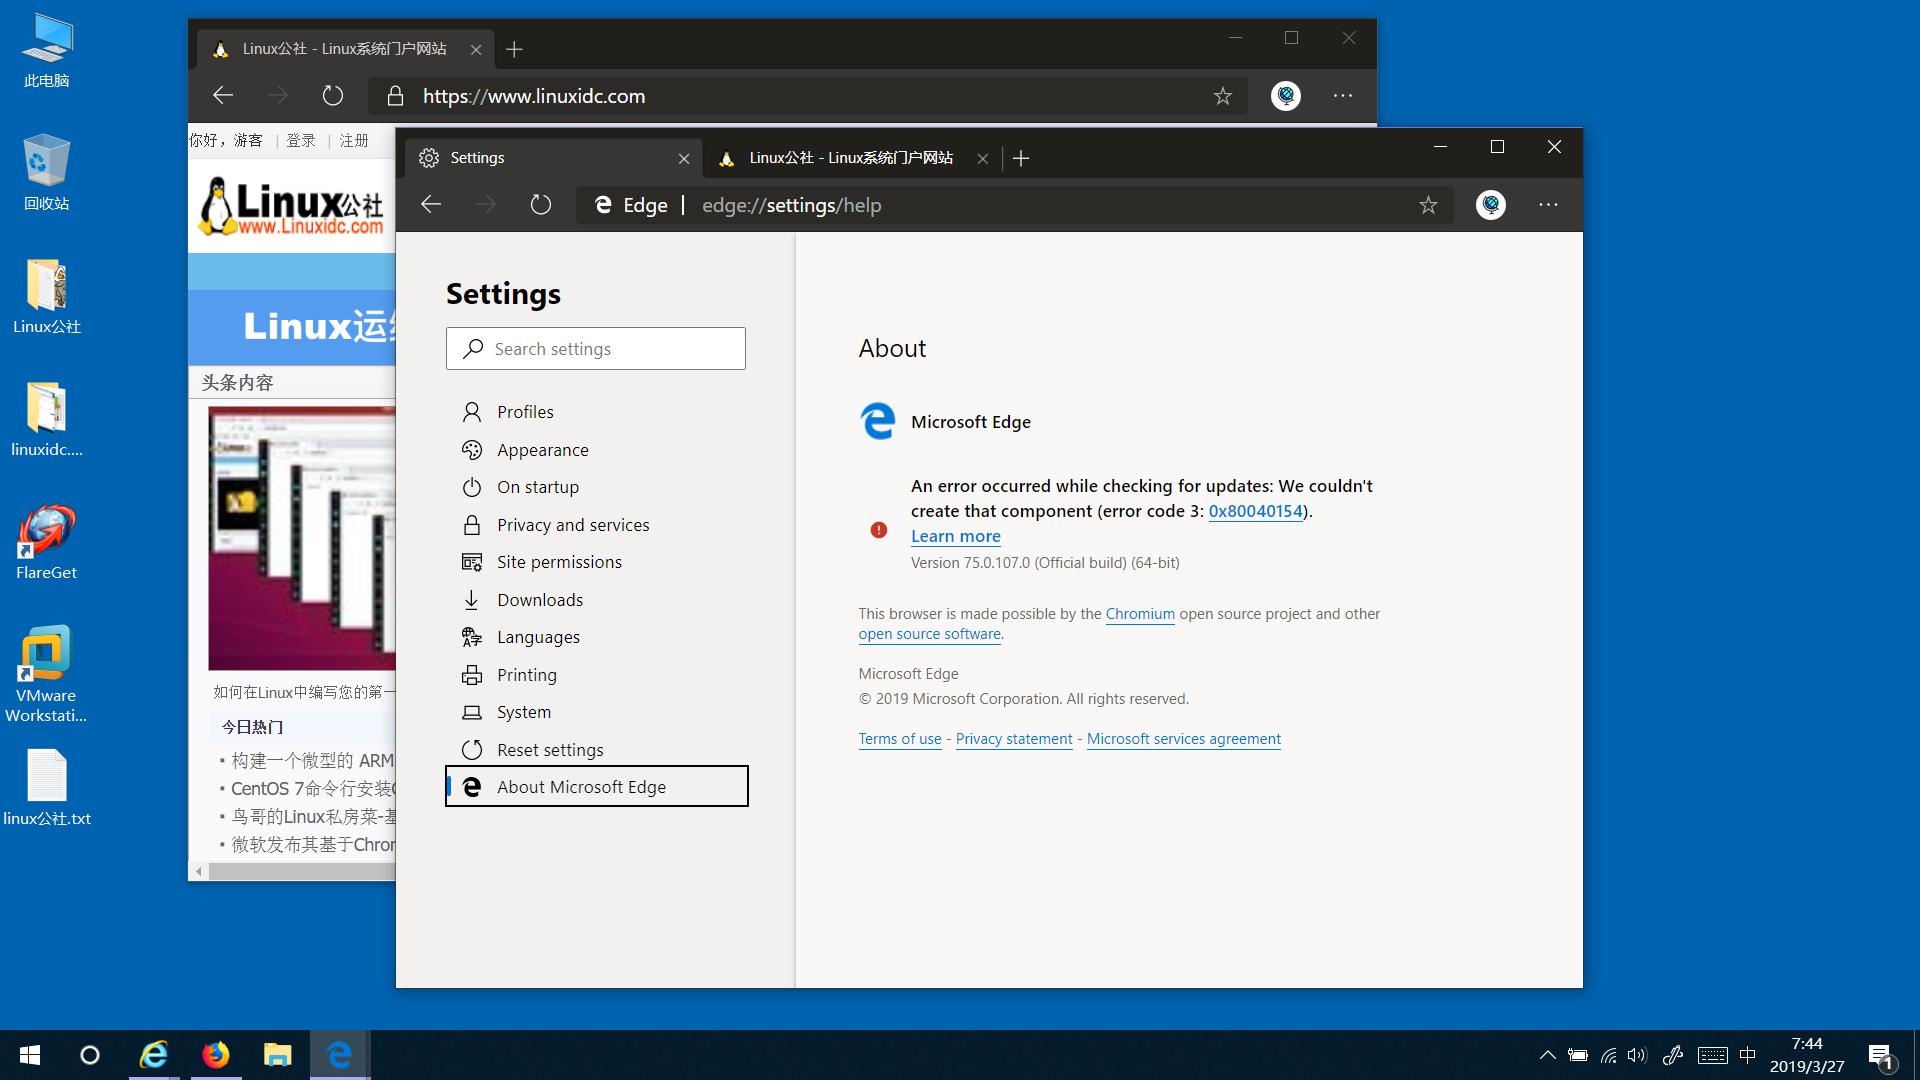 如何在基于Chromium的Microsoft Edge浏览器中启用黑暗主题